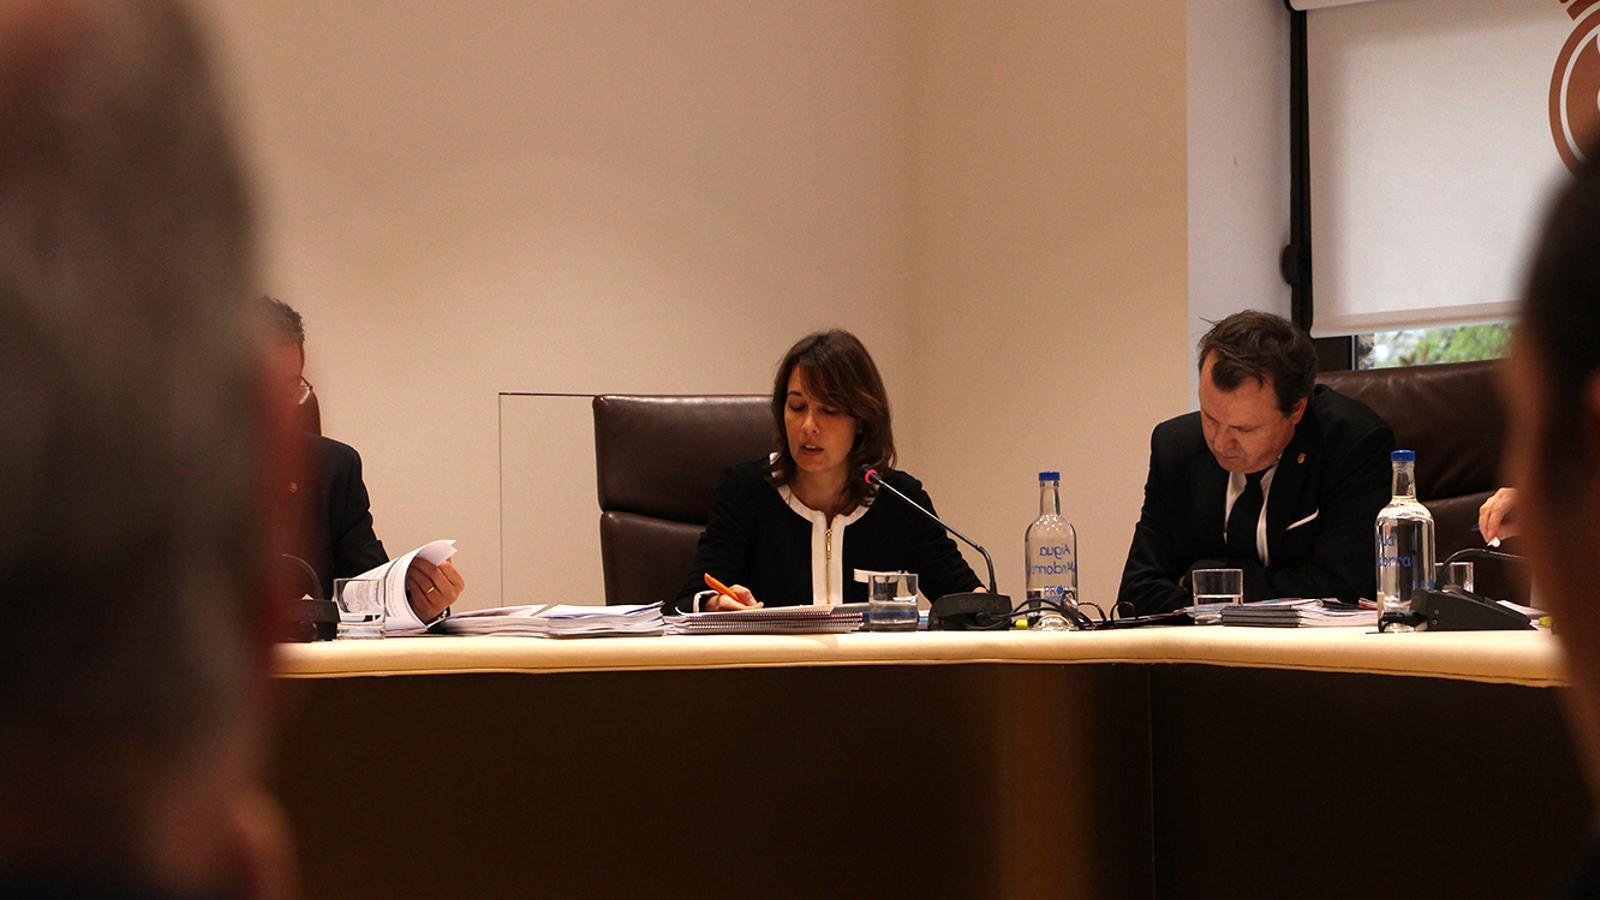 La consellera de Finances d'Andorra la Vella, Maika Nin, durant la sessió de consell de comú. / M. F. (ANA)